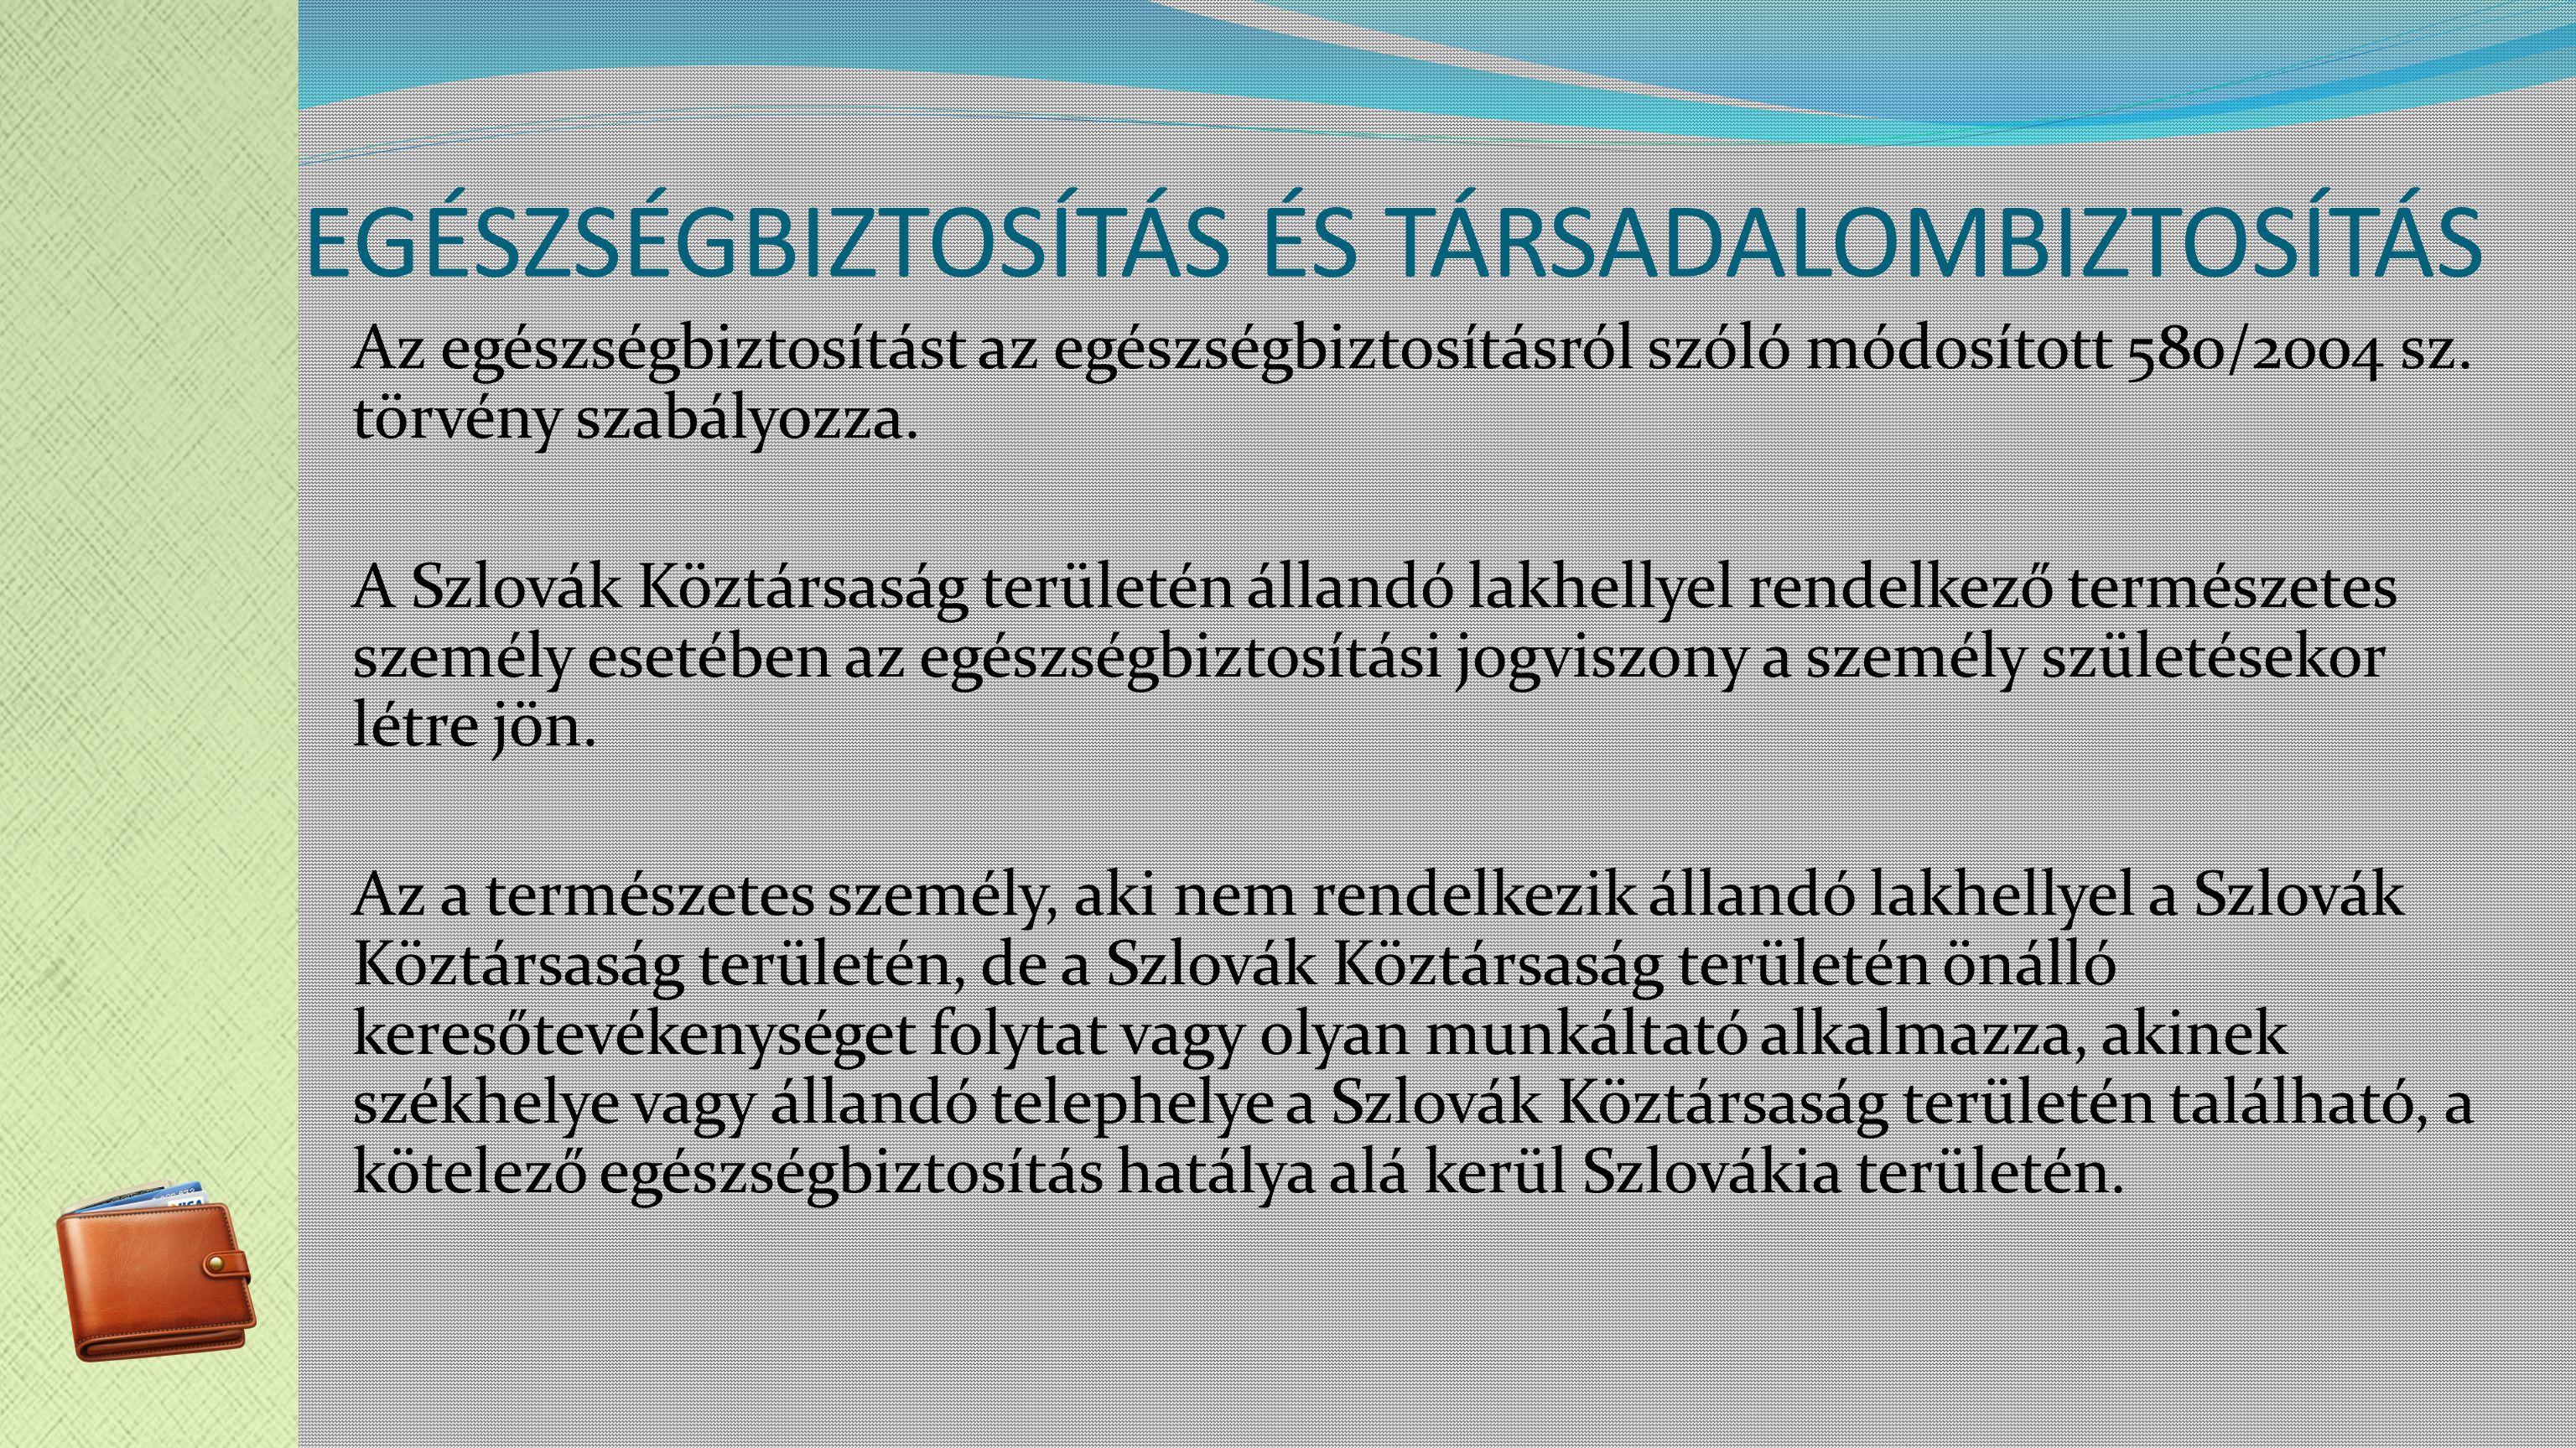 EGÉSZSÉGBIZTOSÍTÁS ÉS TÁRSADALOMBIZTOSÍTÁS Az egészségbiztosítást az egészségbiztosításról szóló módosított 580/2004 sz.